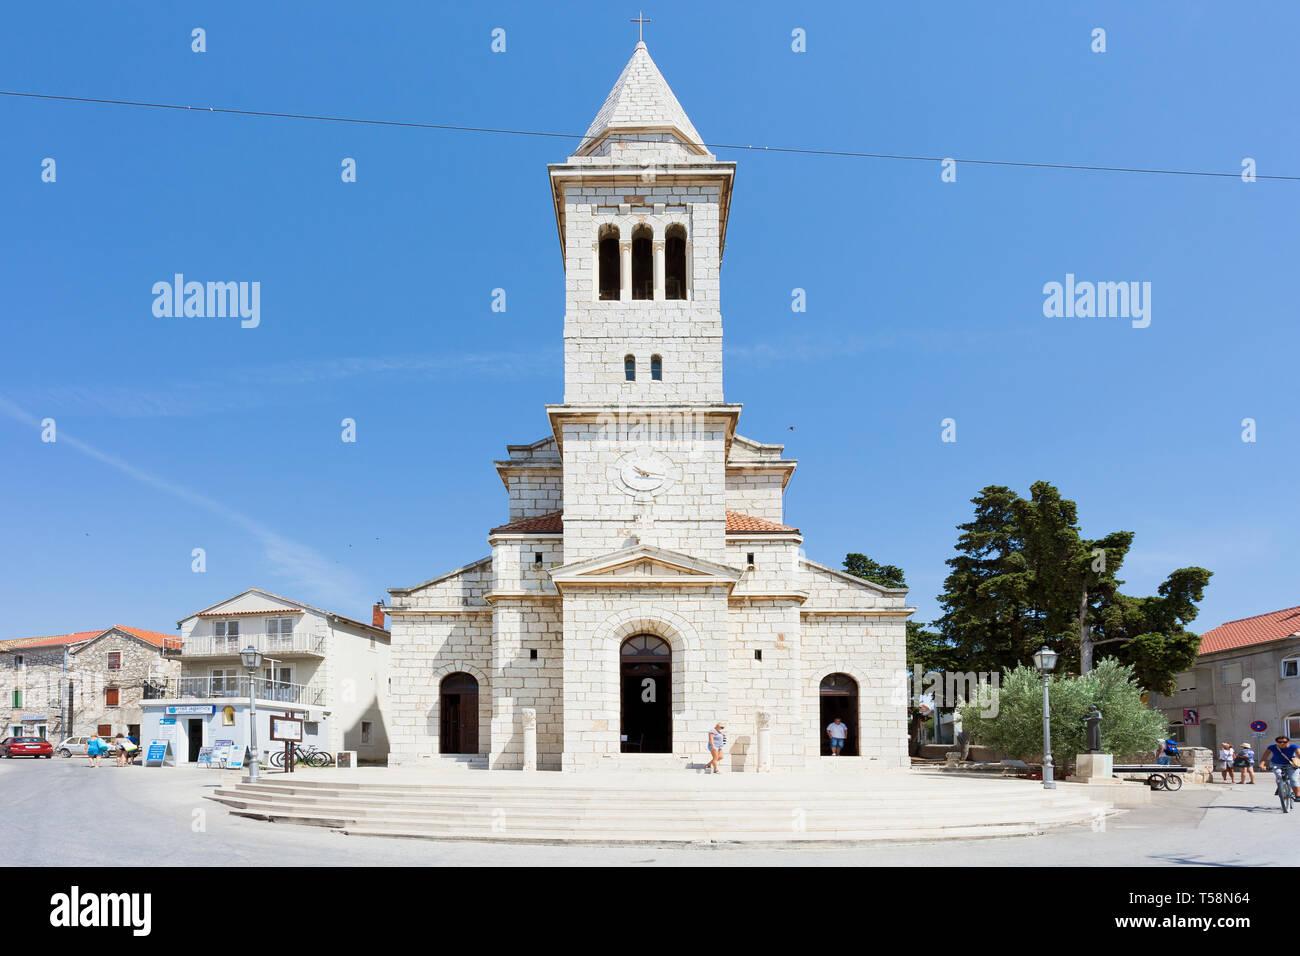 Pakostane, Kroatien, Europa - 27. August 2017 - Touristen zu Fuß rund um den Kirchturm von Pakostane Stockfoto